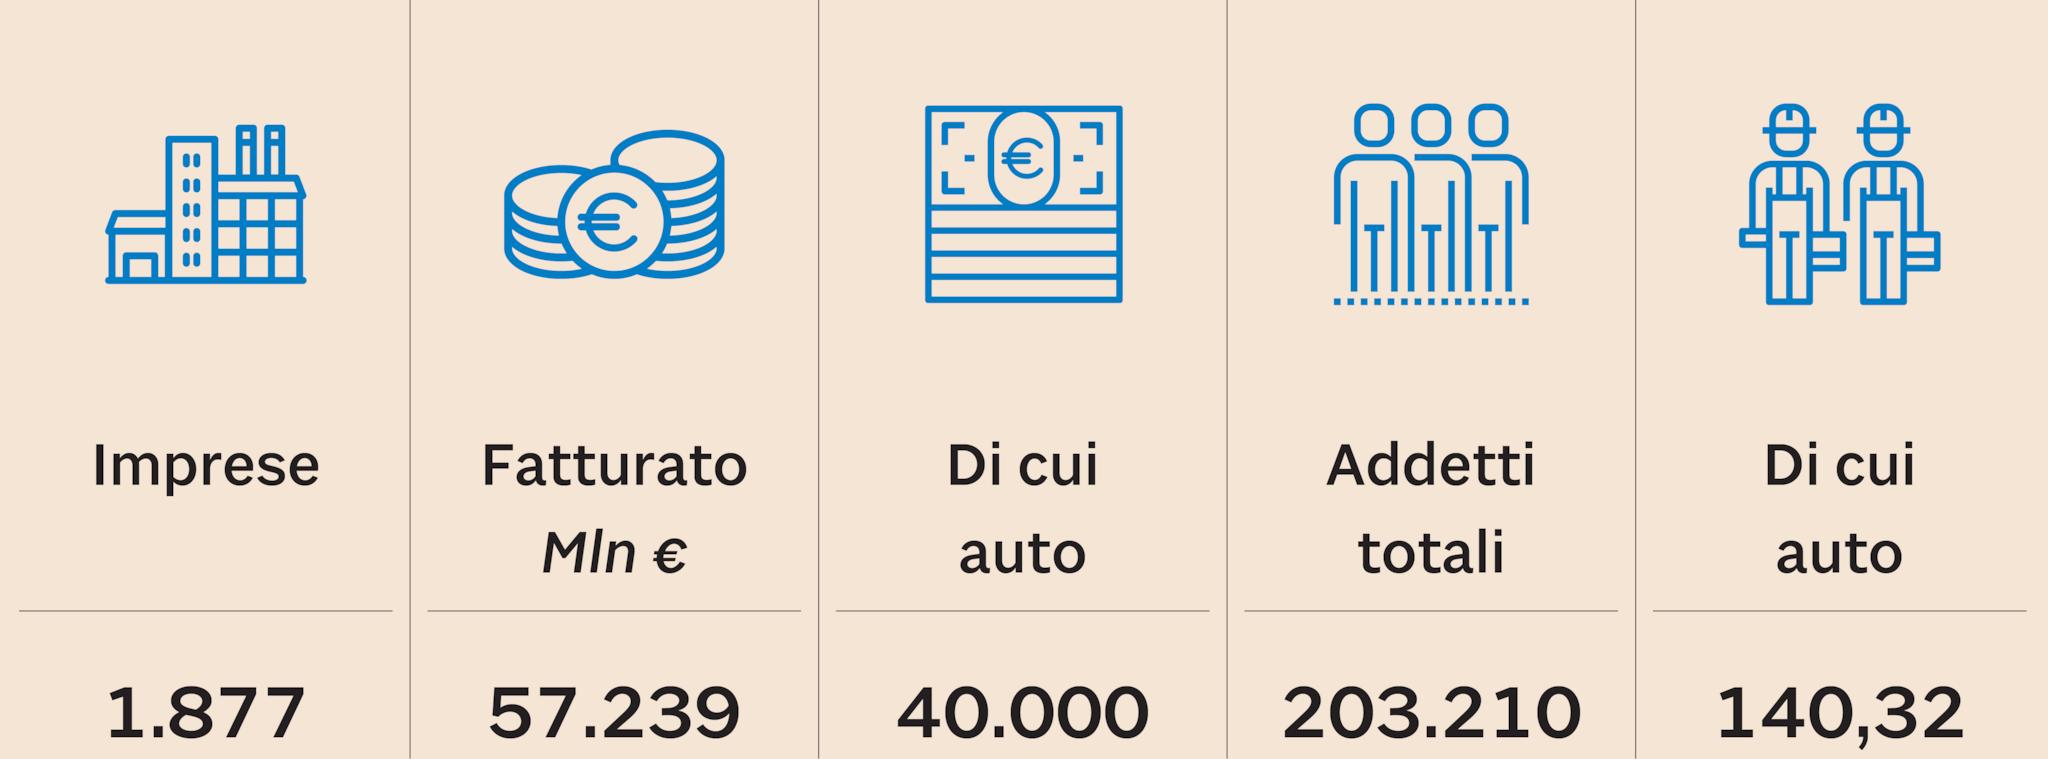 I NUMERI DELLA COMPONENTISTICA IN ITALIA